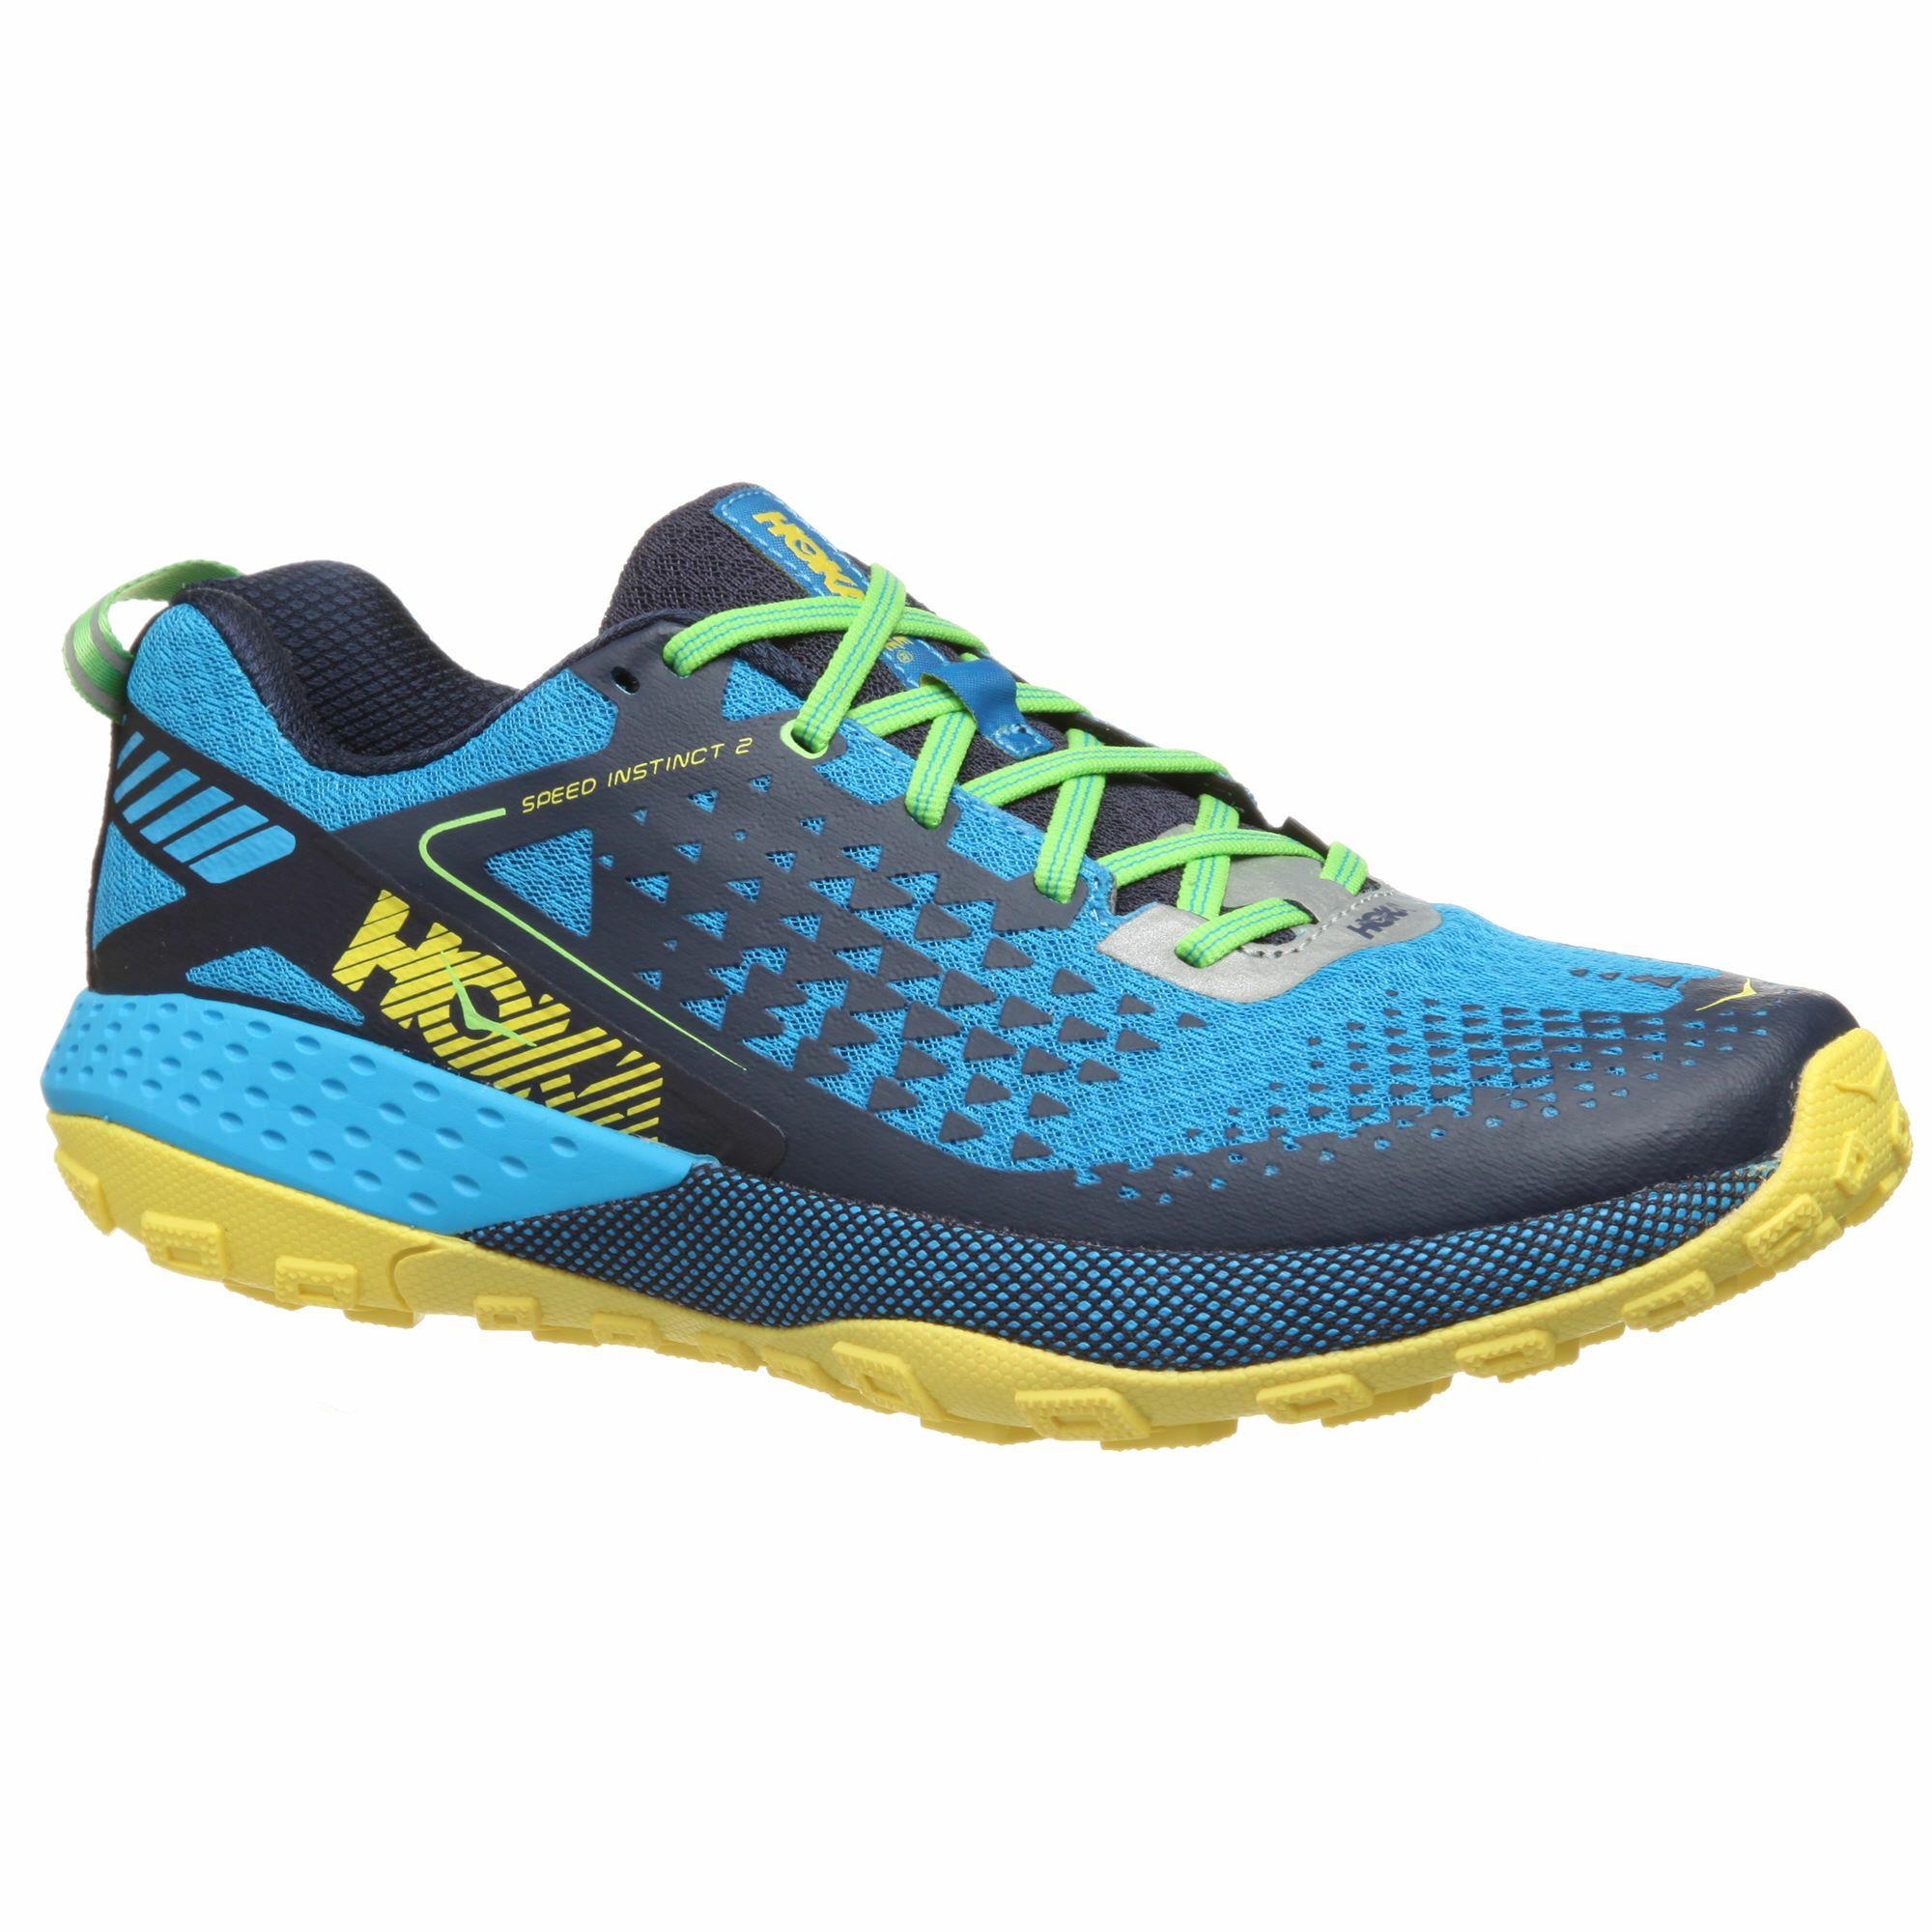 Chaussures Hoka One One Speed Instinct 2